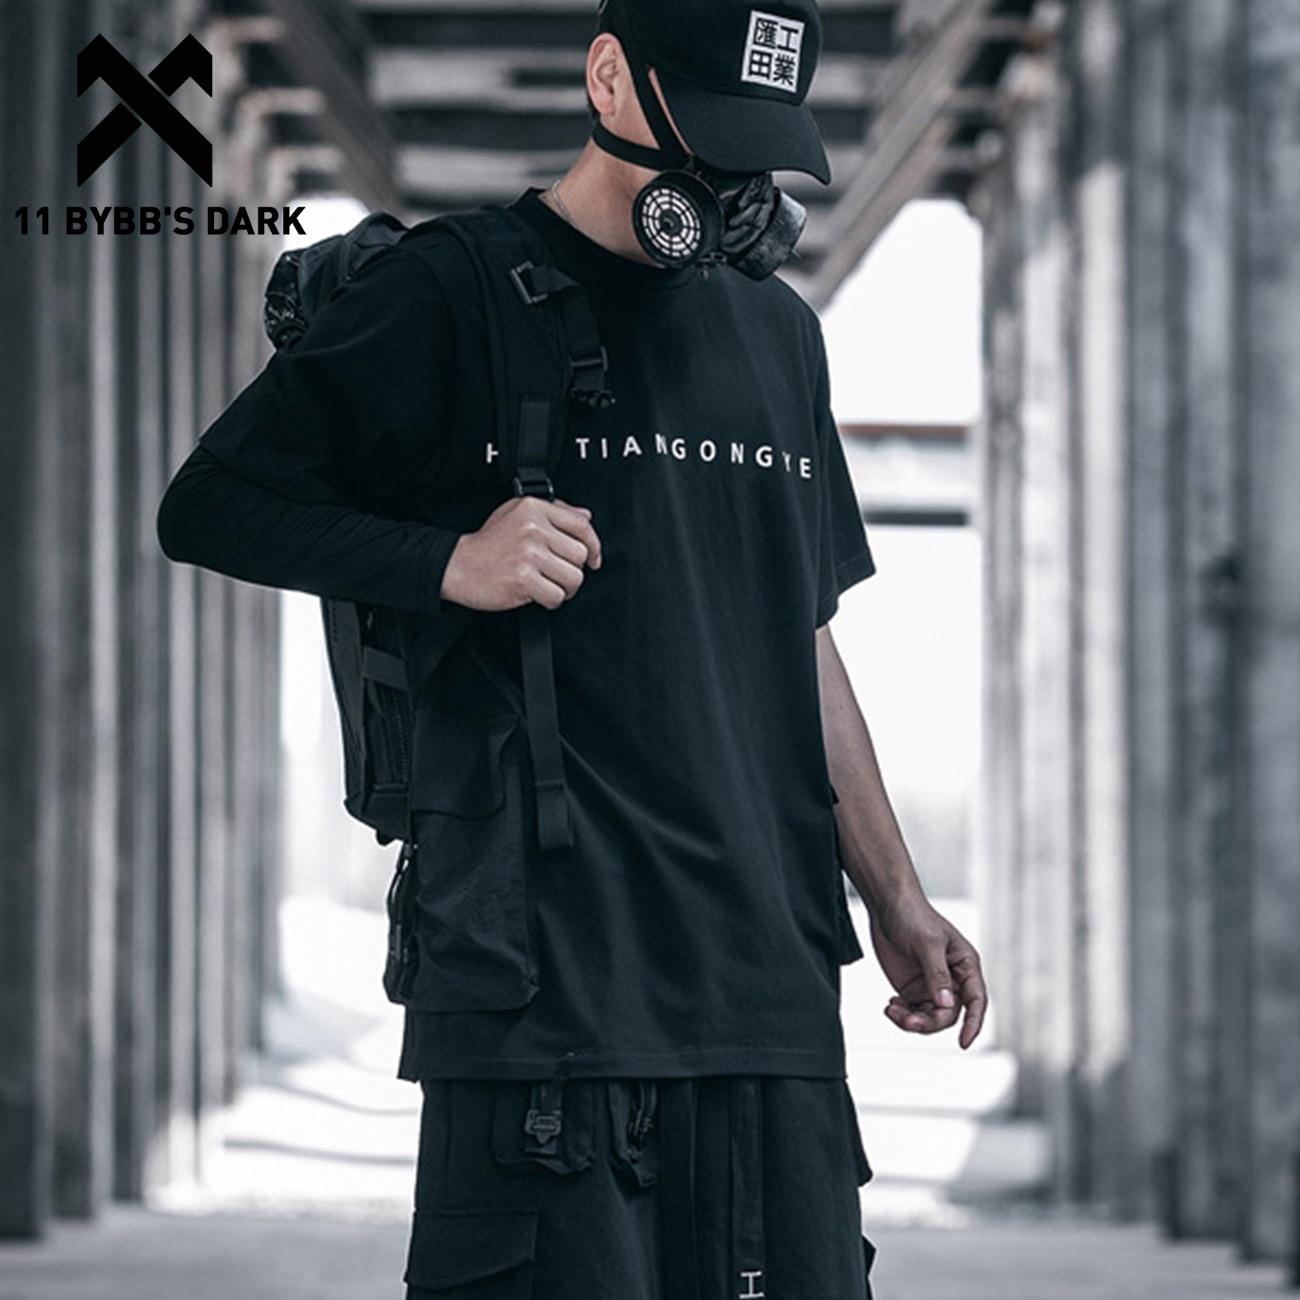 Camisetas con bolsillos tácticos de Hip Hop de 11 BYBBS, ropa de calle holgada de gran tamaño 2020 para hombre, pantalón corto informal de manga negra